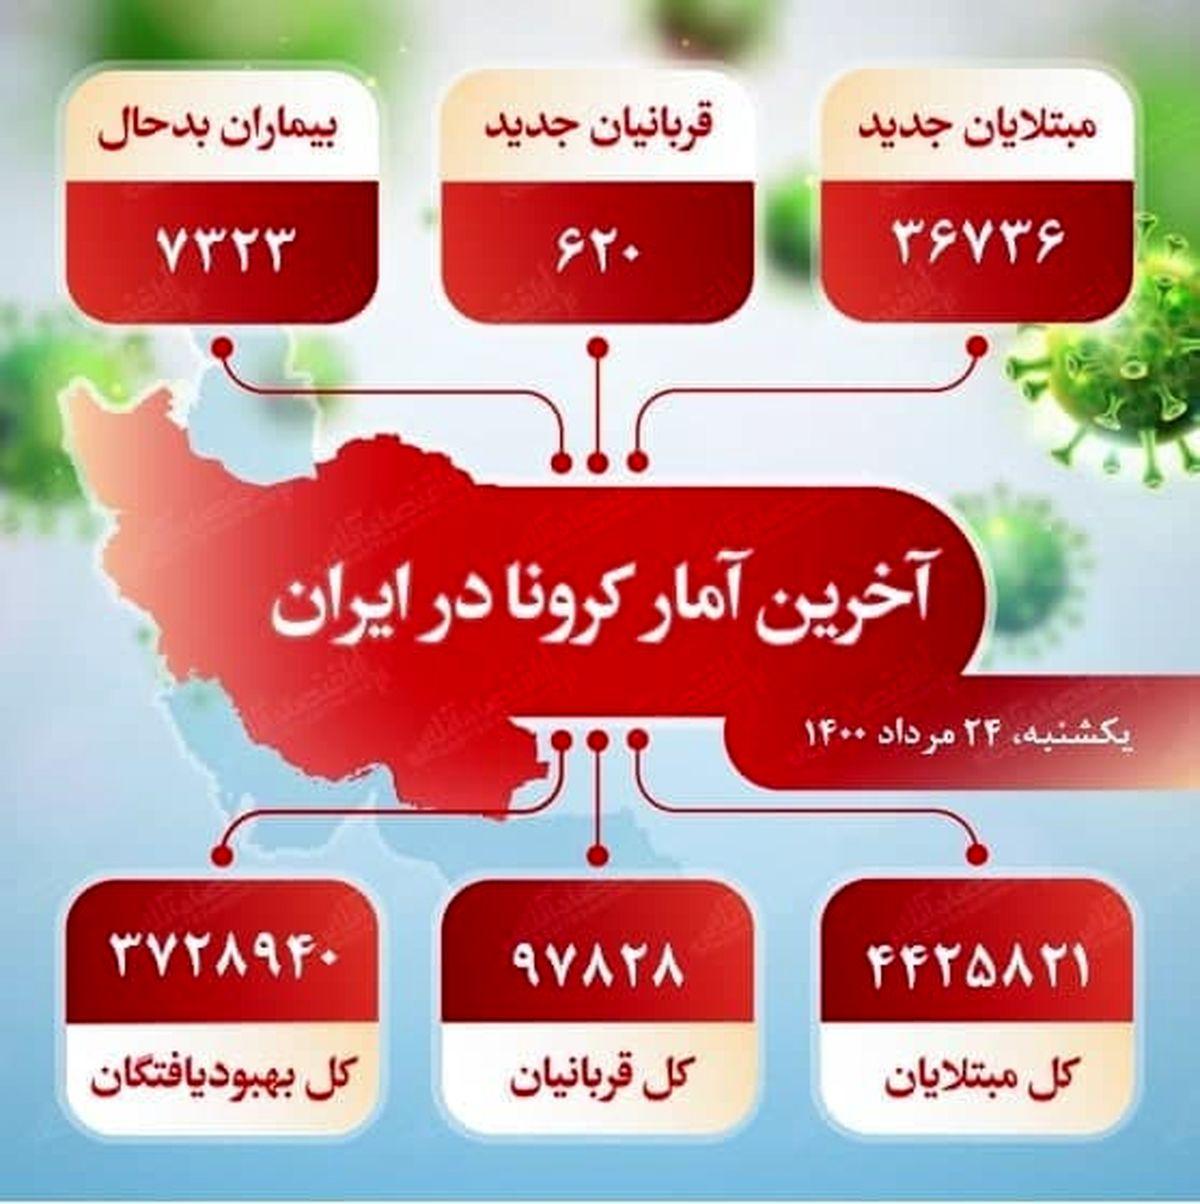 آخرین آمار کرونا در ایران (۱۴۰۰/۵/۲۴)